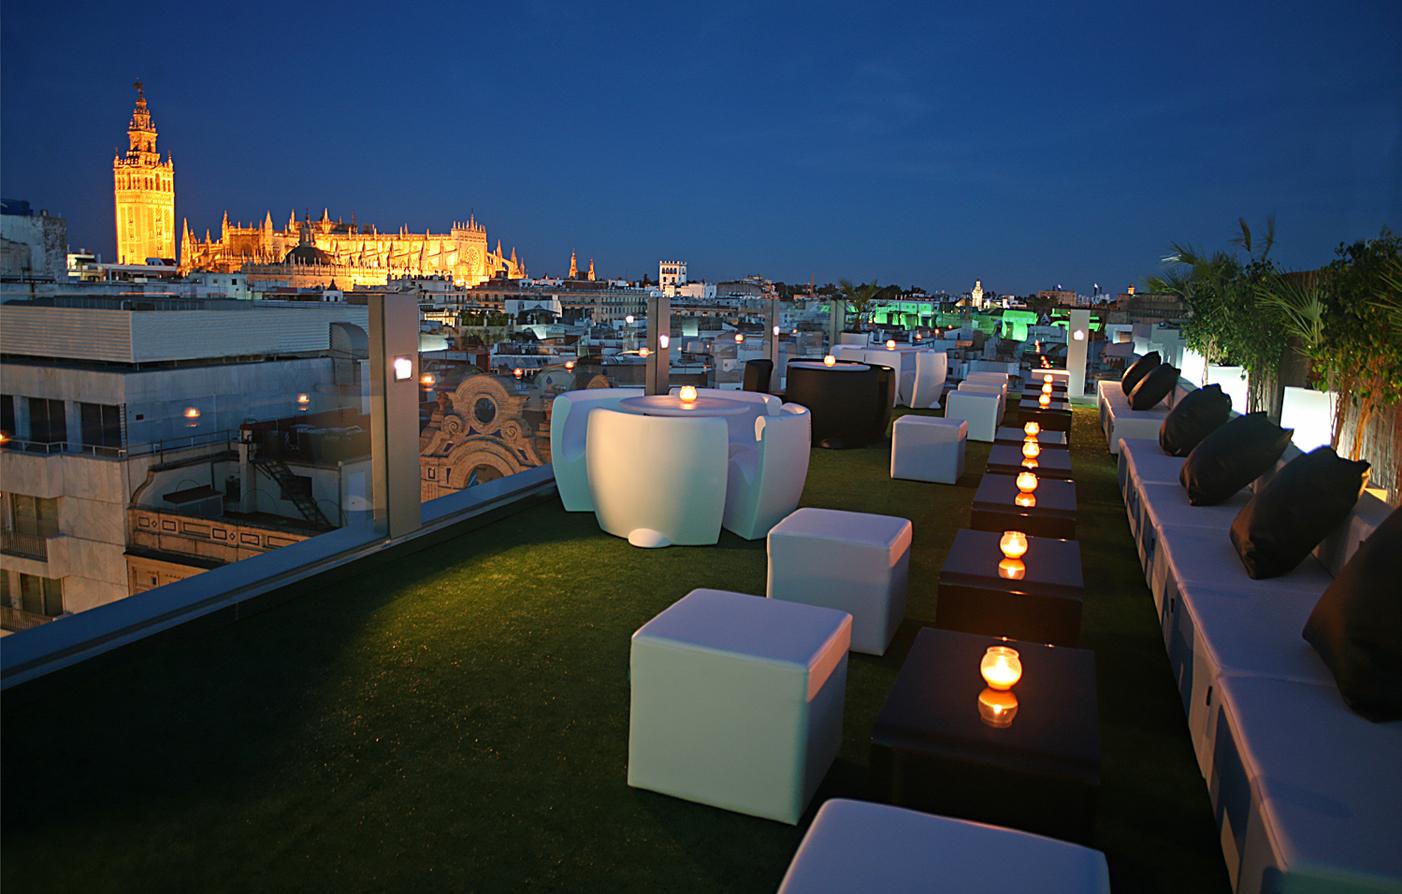 Seville hotels hotel inglaterra luxury seville hotel for Hotels seville